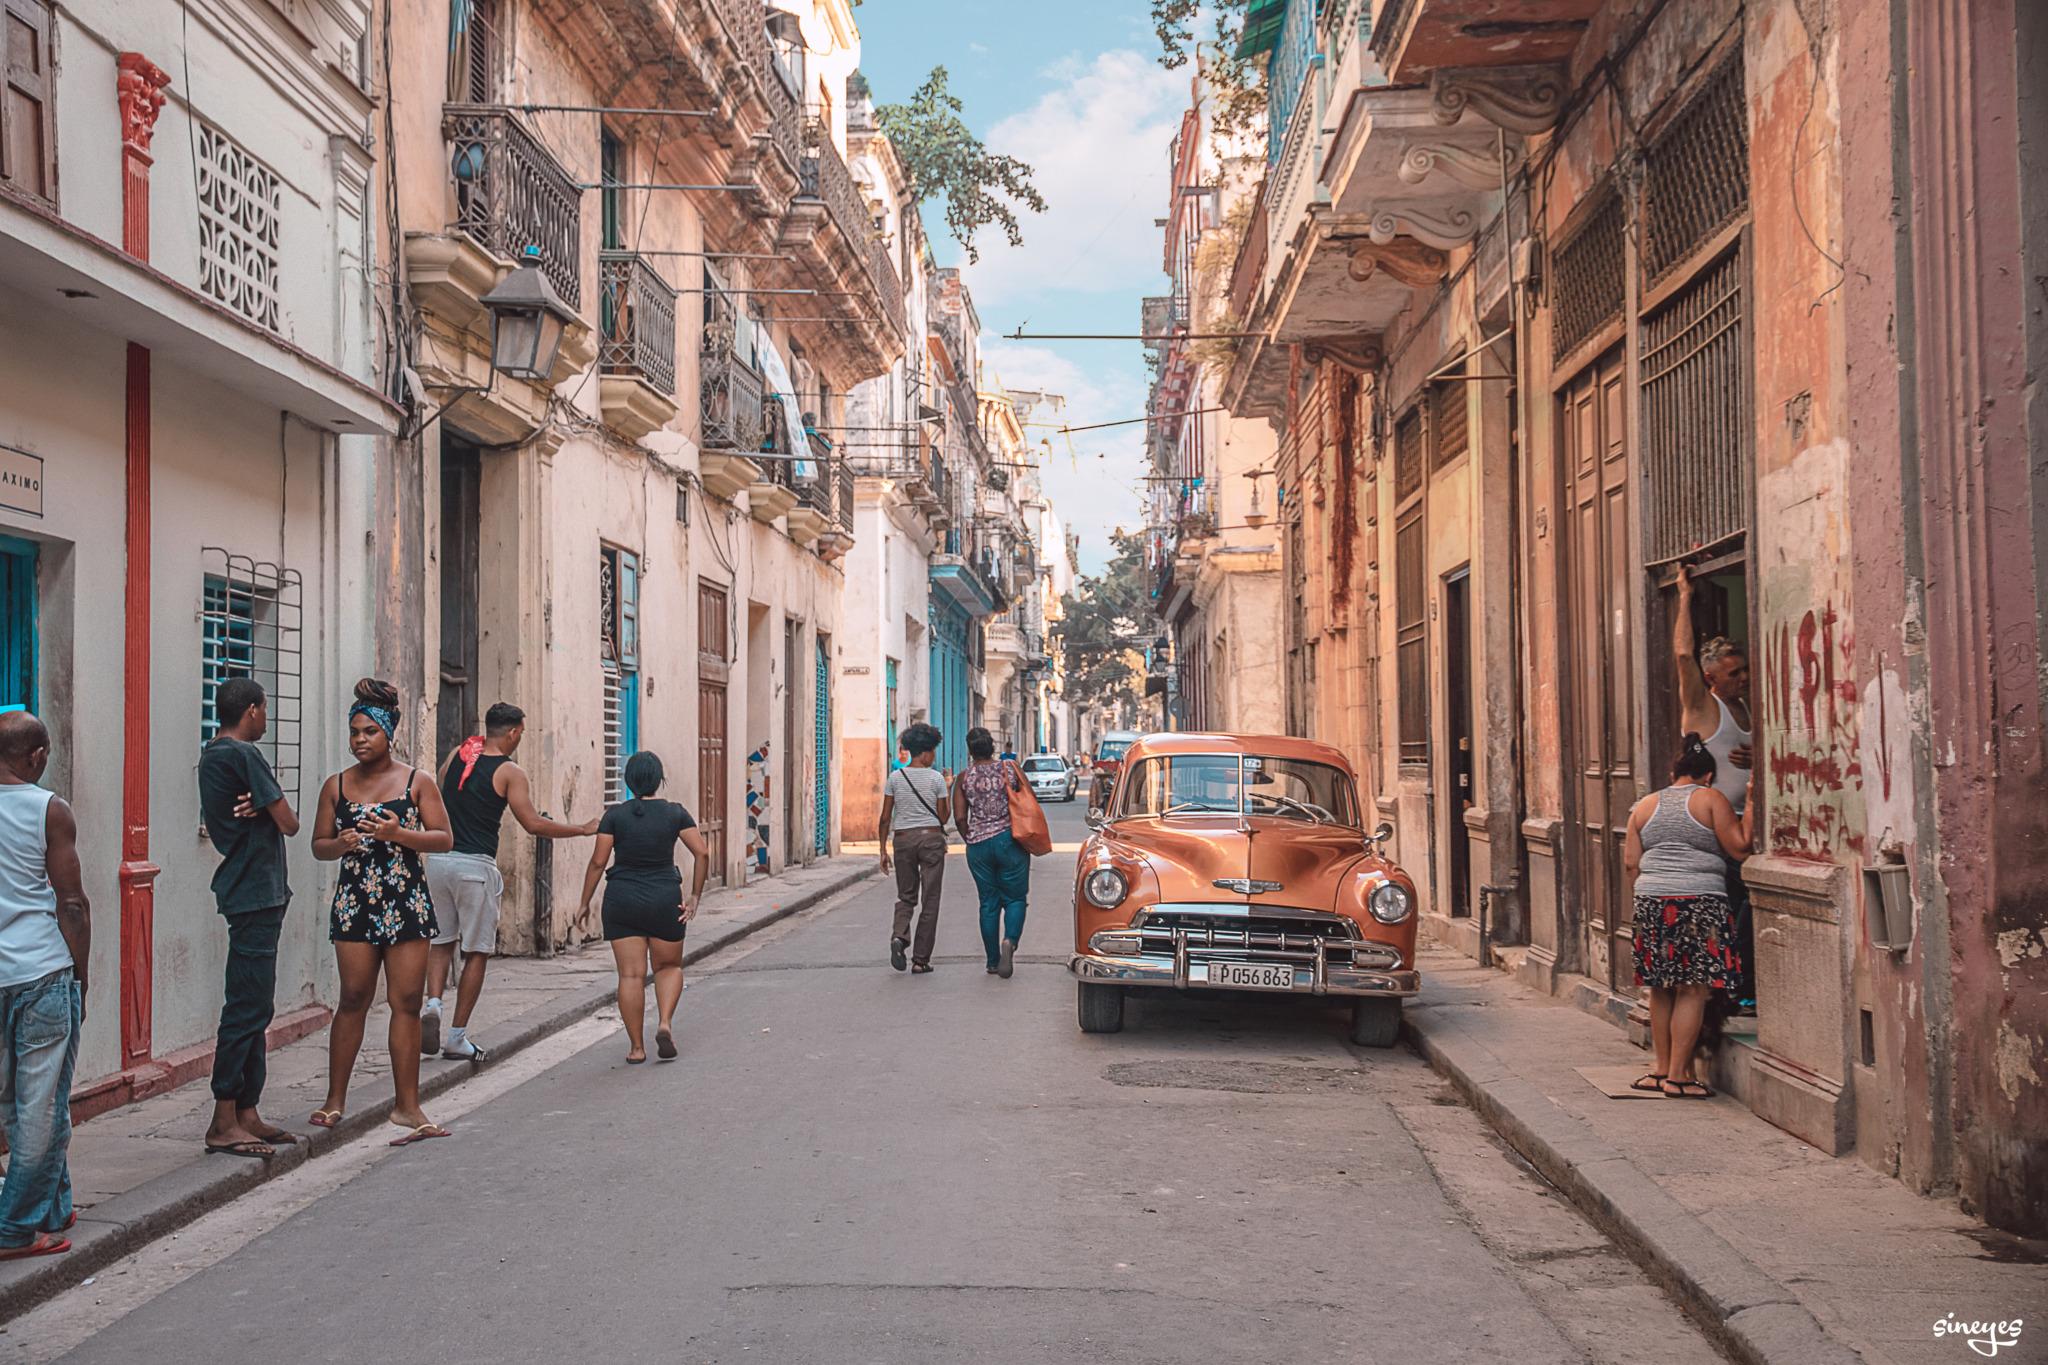 Vintage street by Sineyes